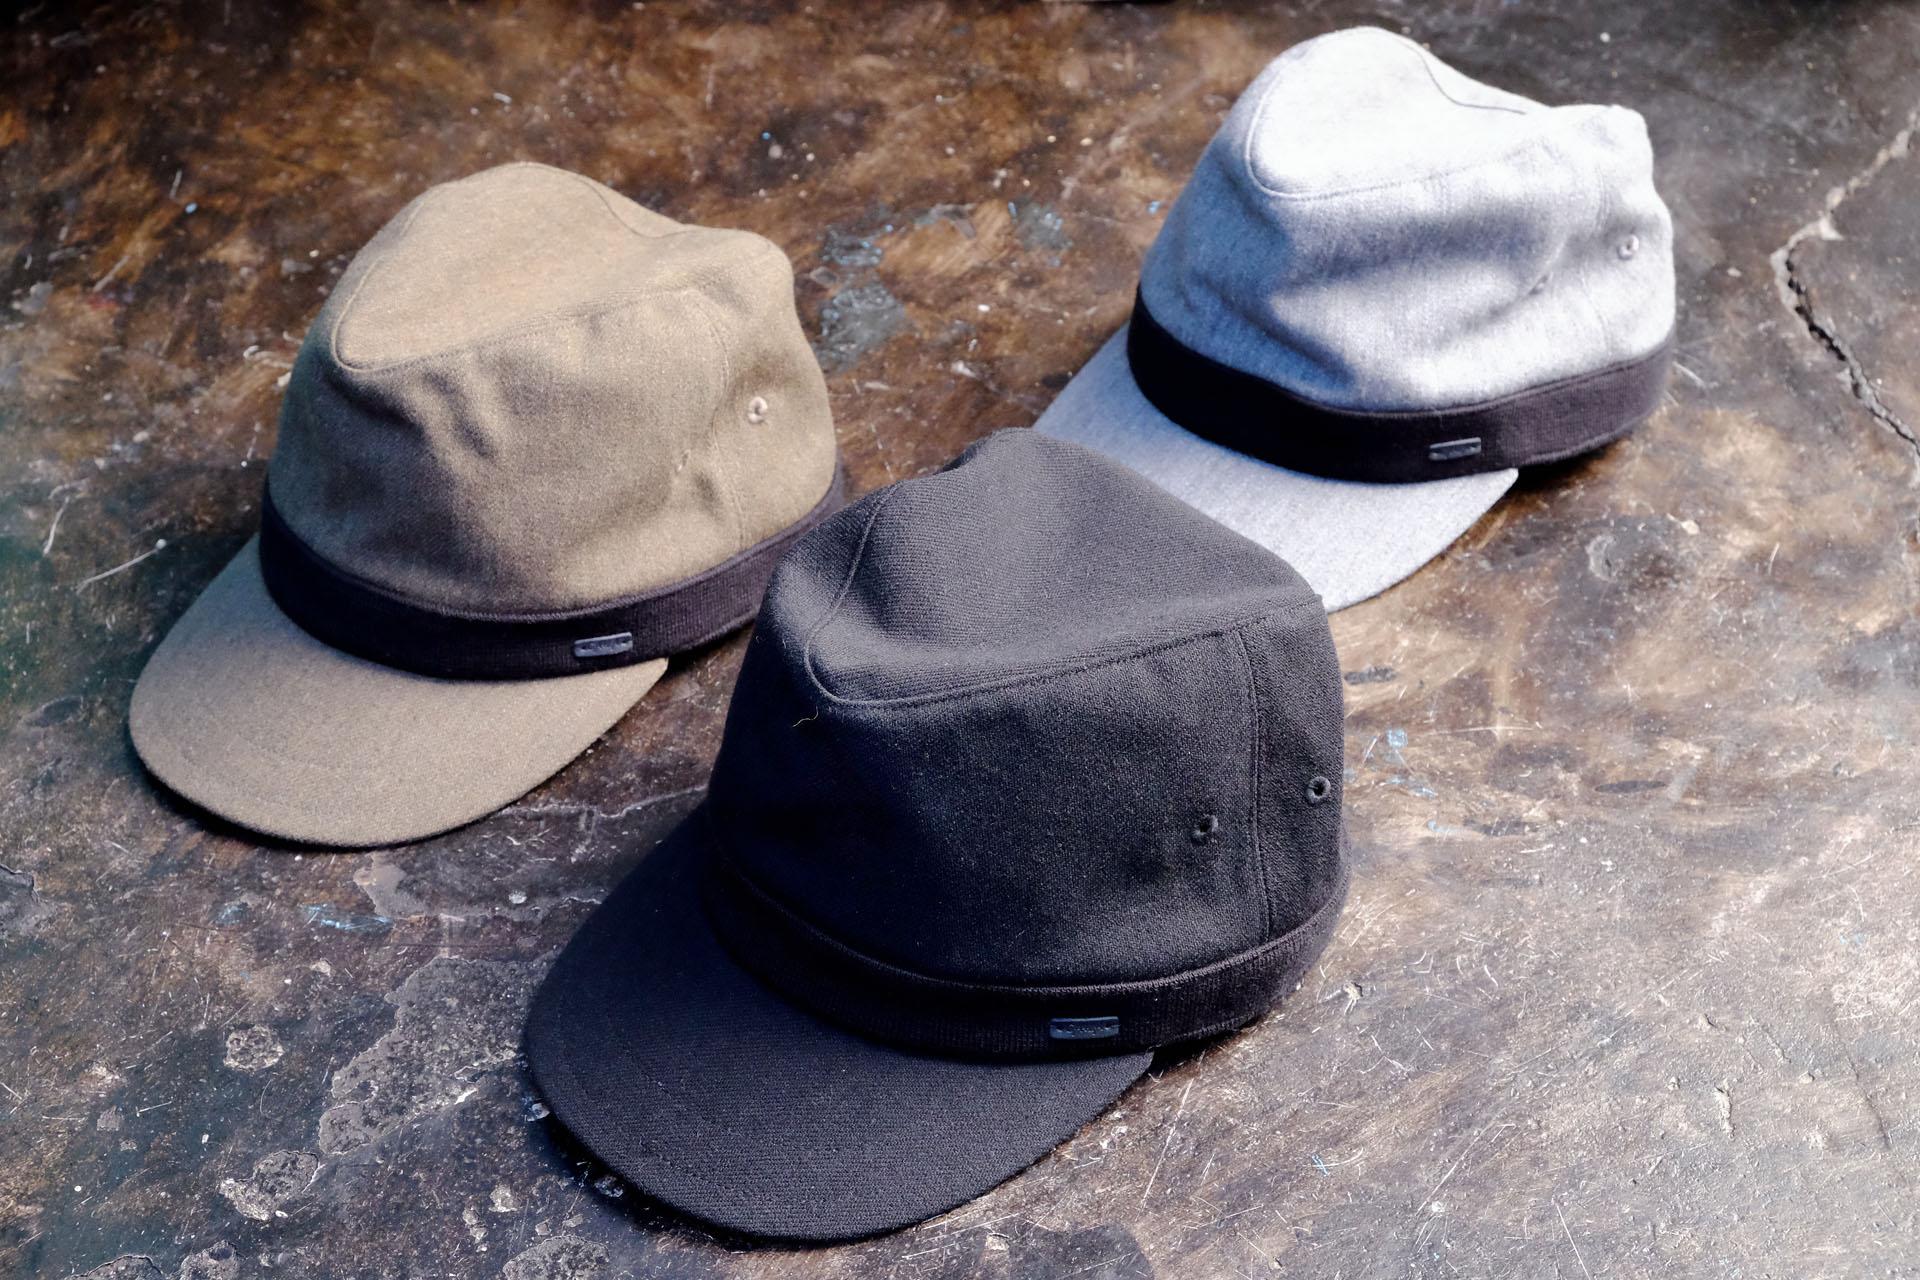 ca4la-cap-servicecap-japan-muetze-kappe